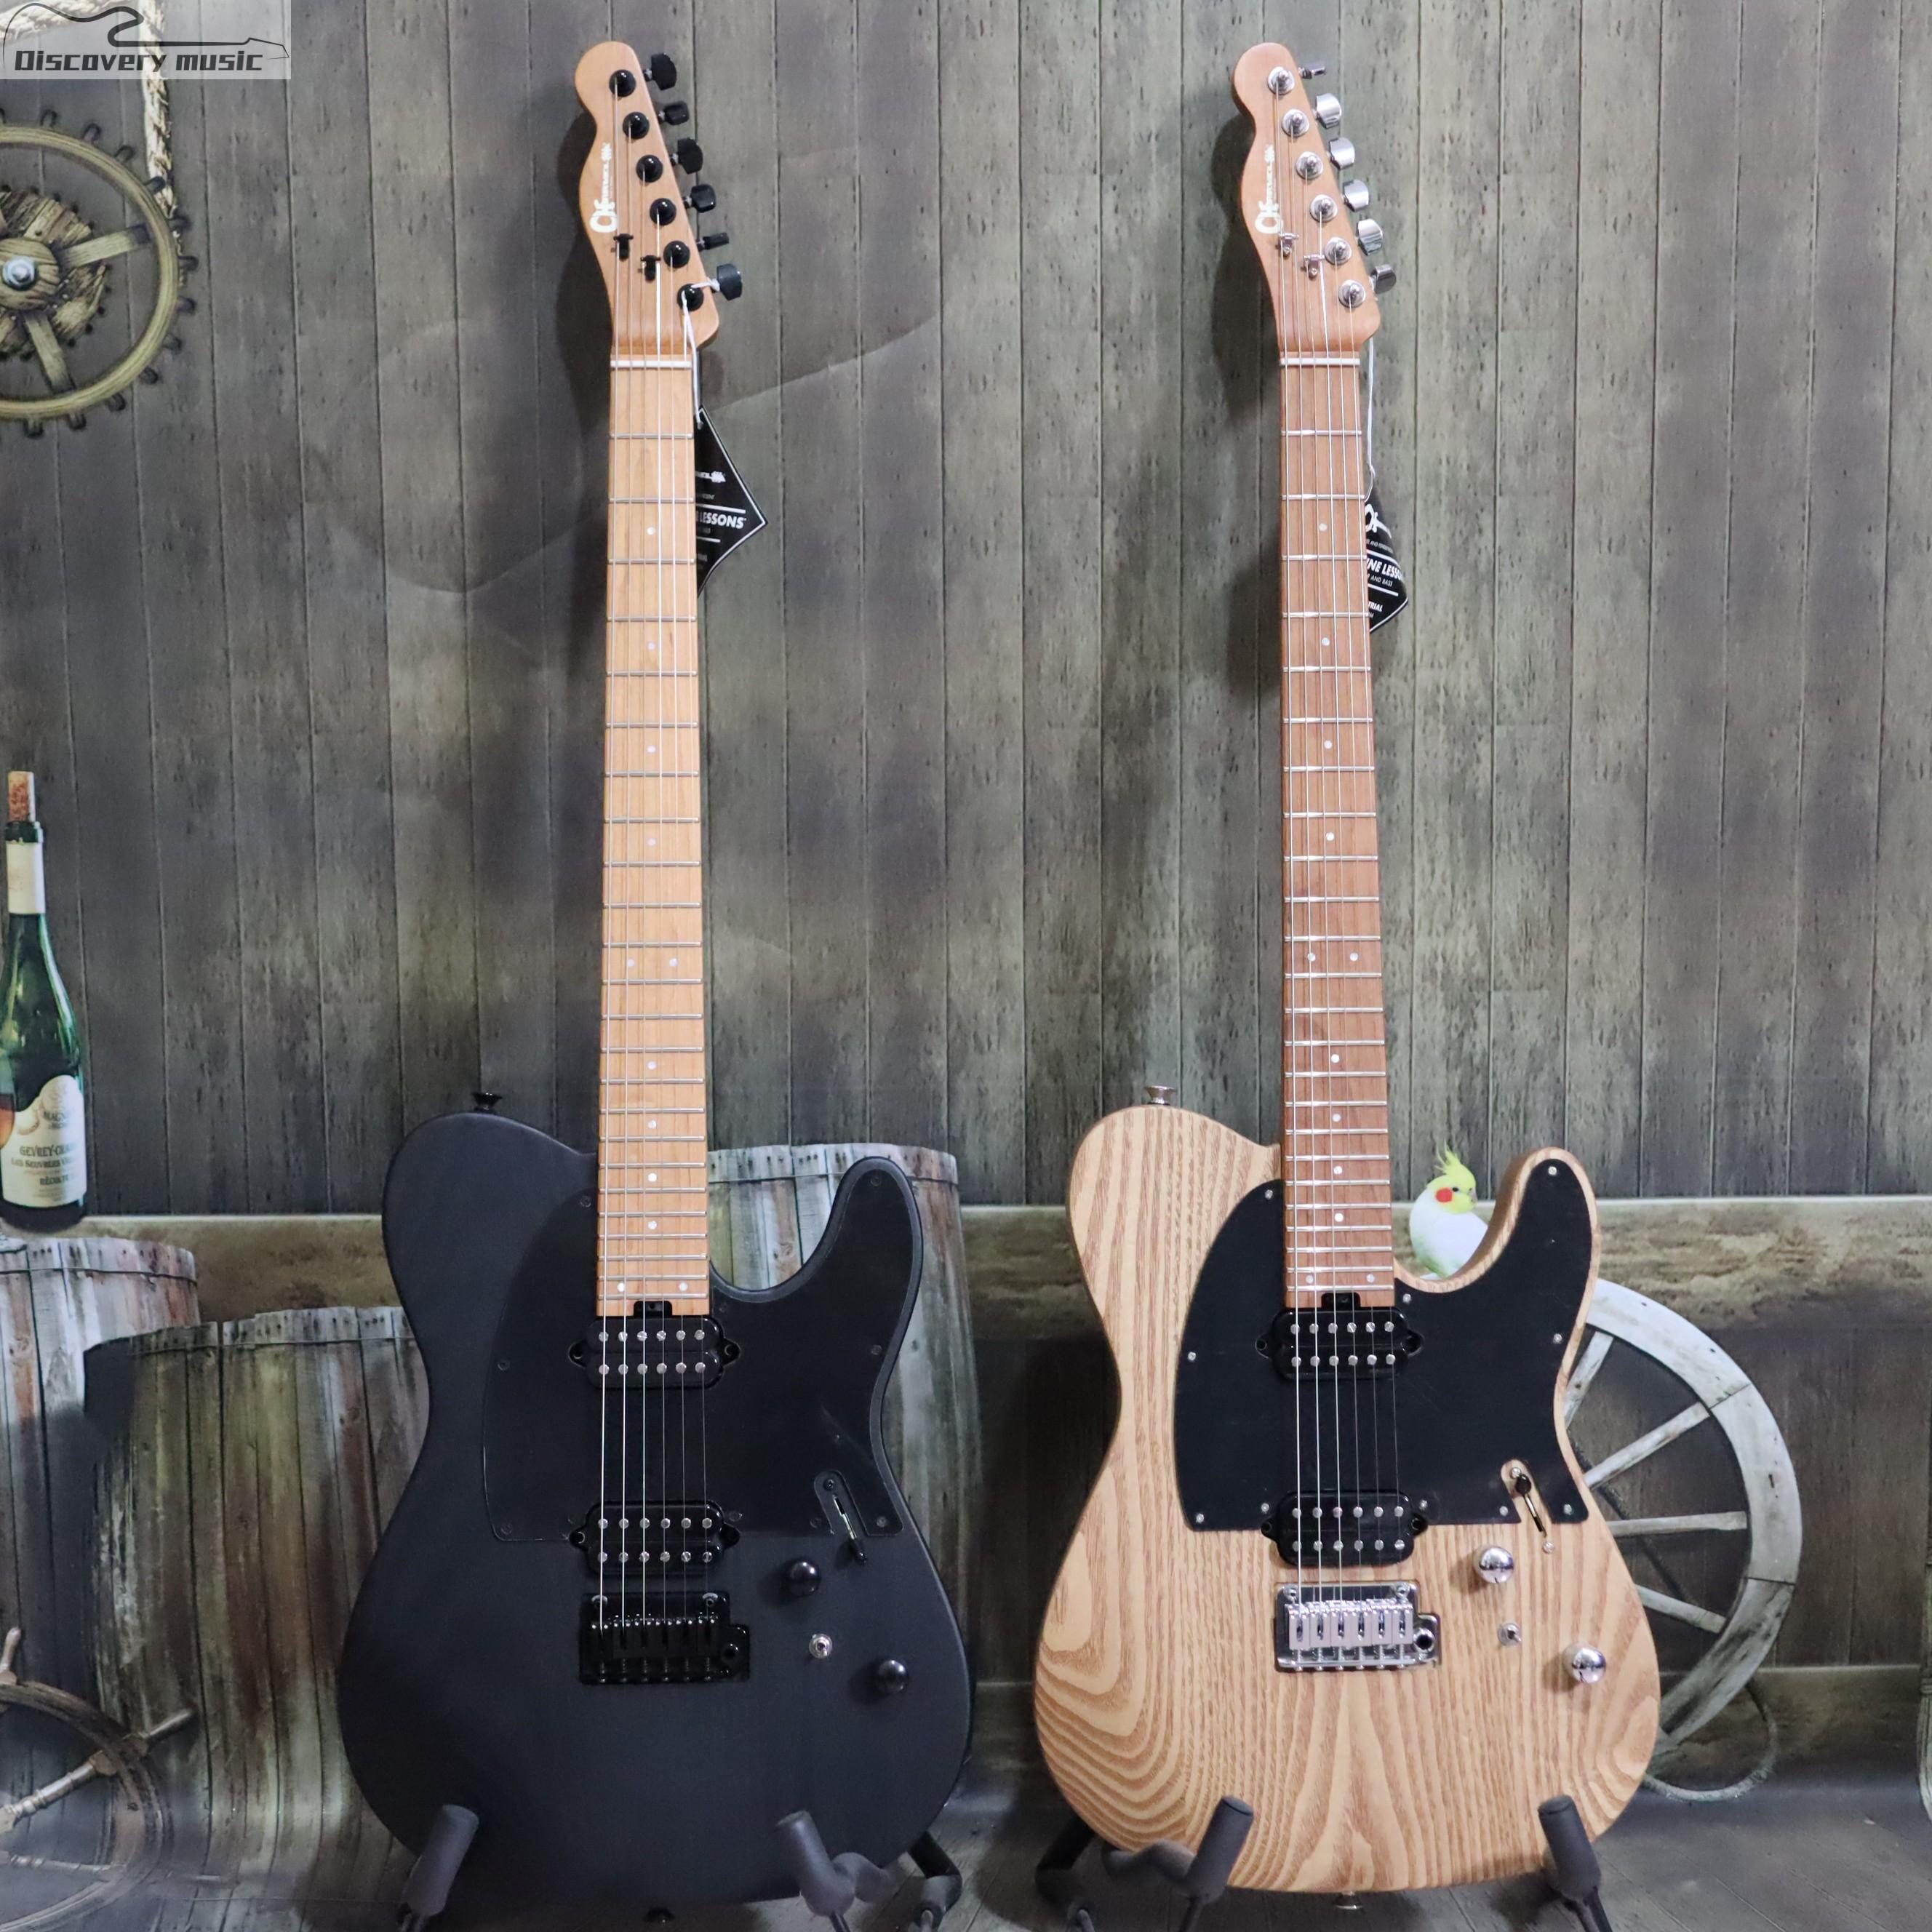 気持ち楽器CHARVEL STYLE 2 24 HH 2 PT CM ASH TELE岑木エレキギター